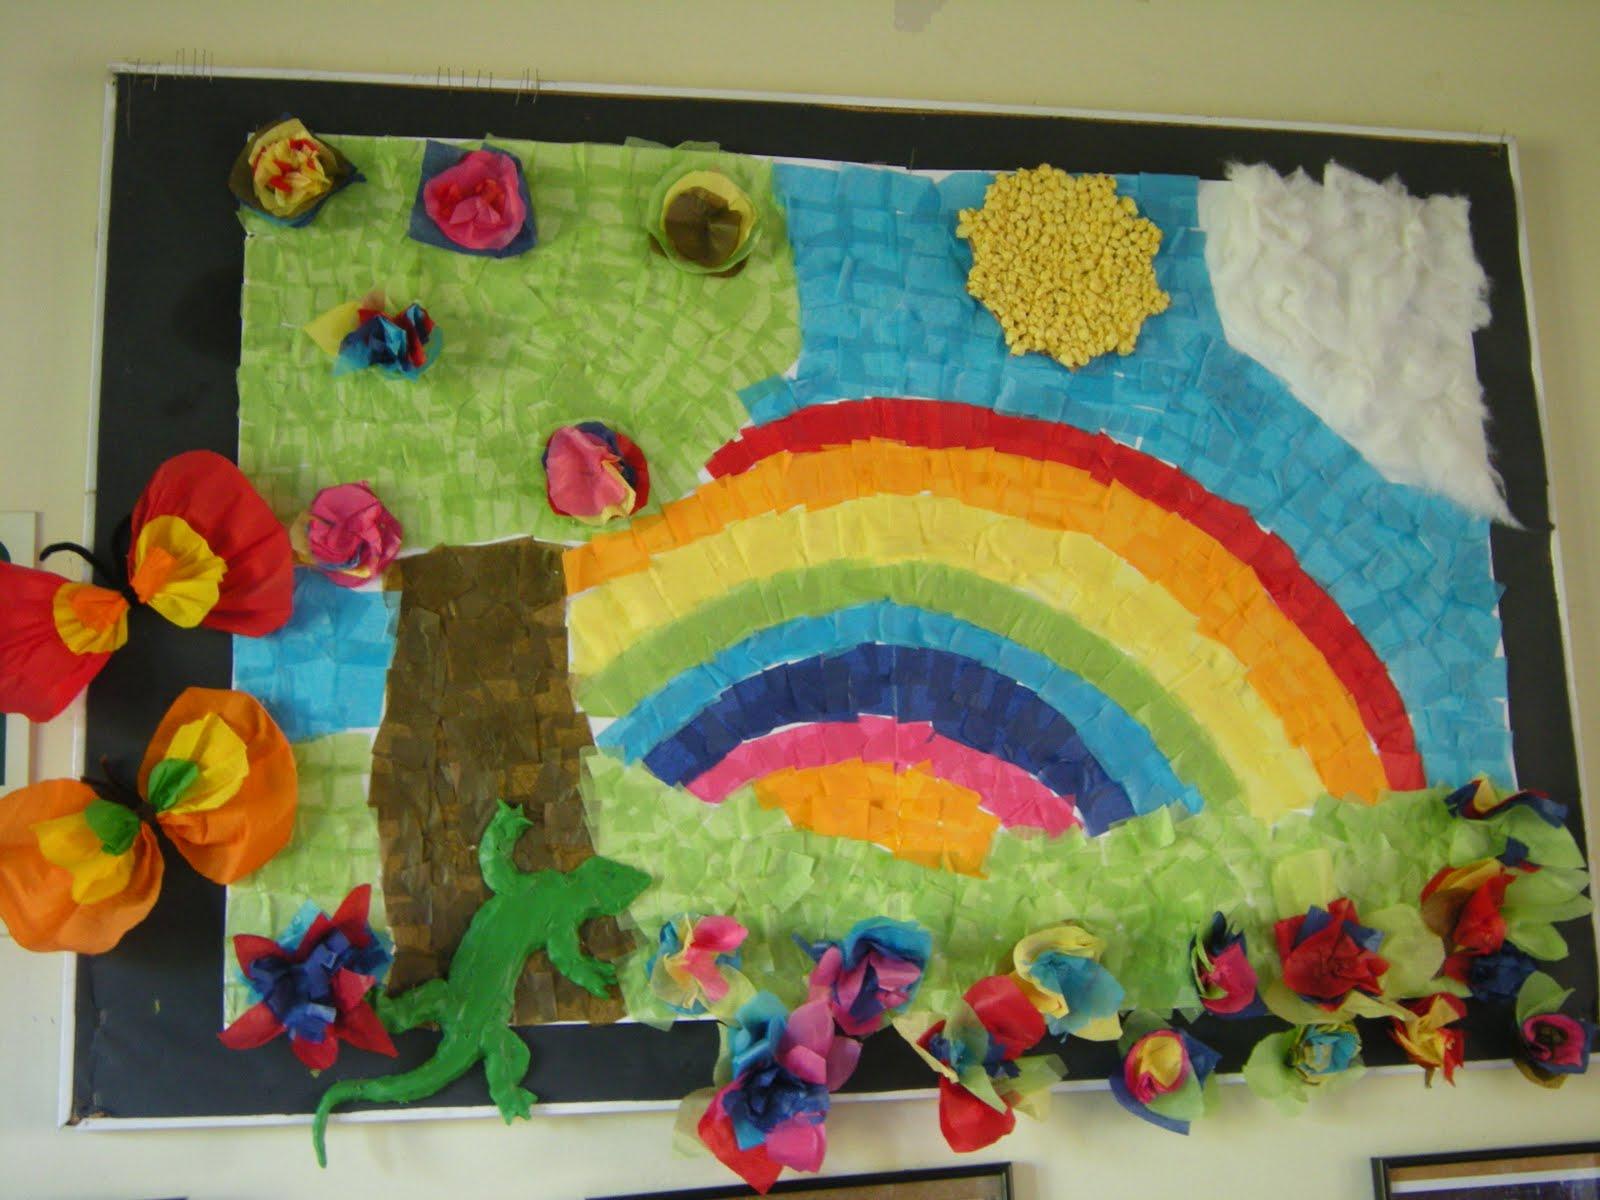 Murales primavera 7 imagenes educativas for Mural una familia chicana